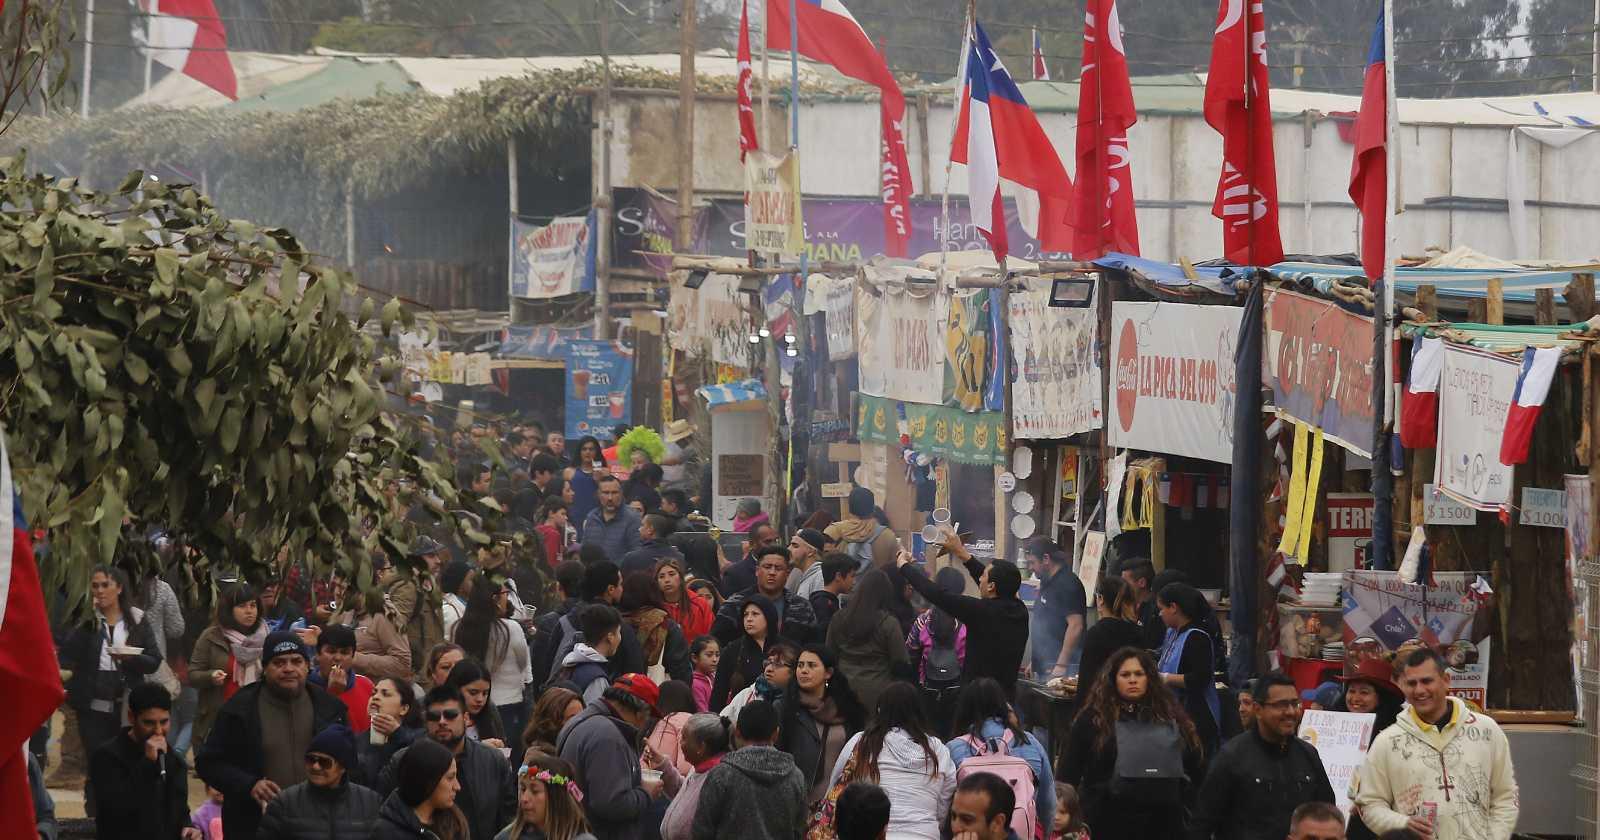 Chequeo: ¿La Moneda levantó la cuarentena para celebrar Fiestas Patrias?